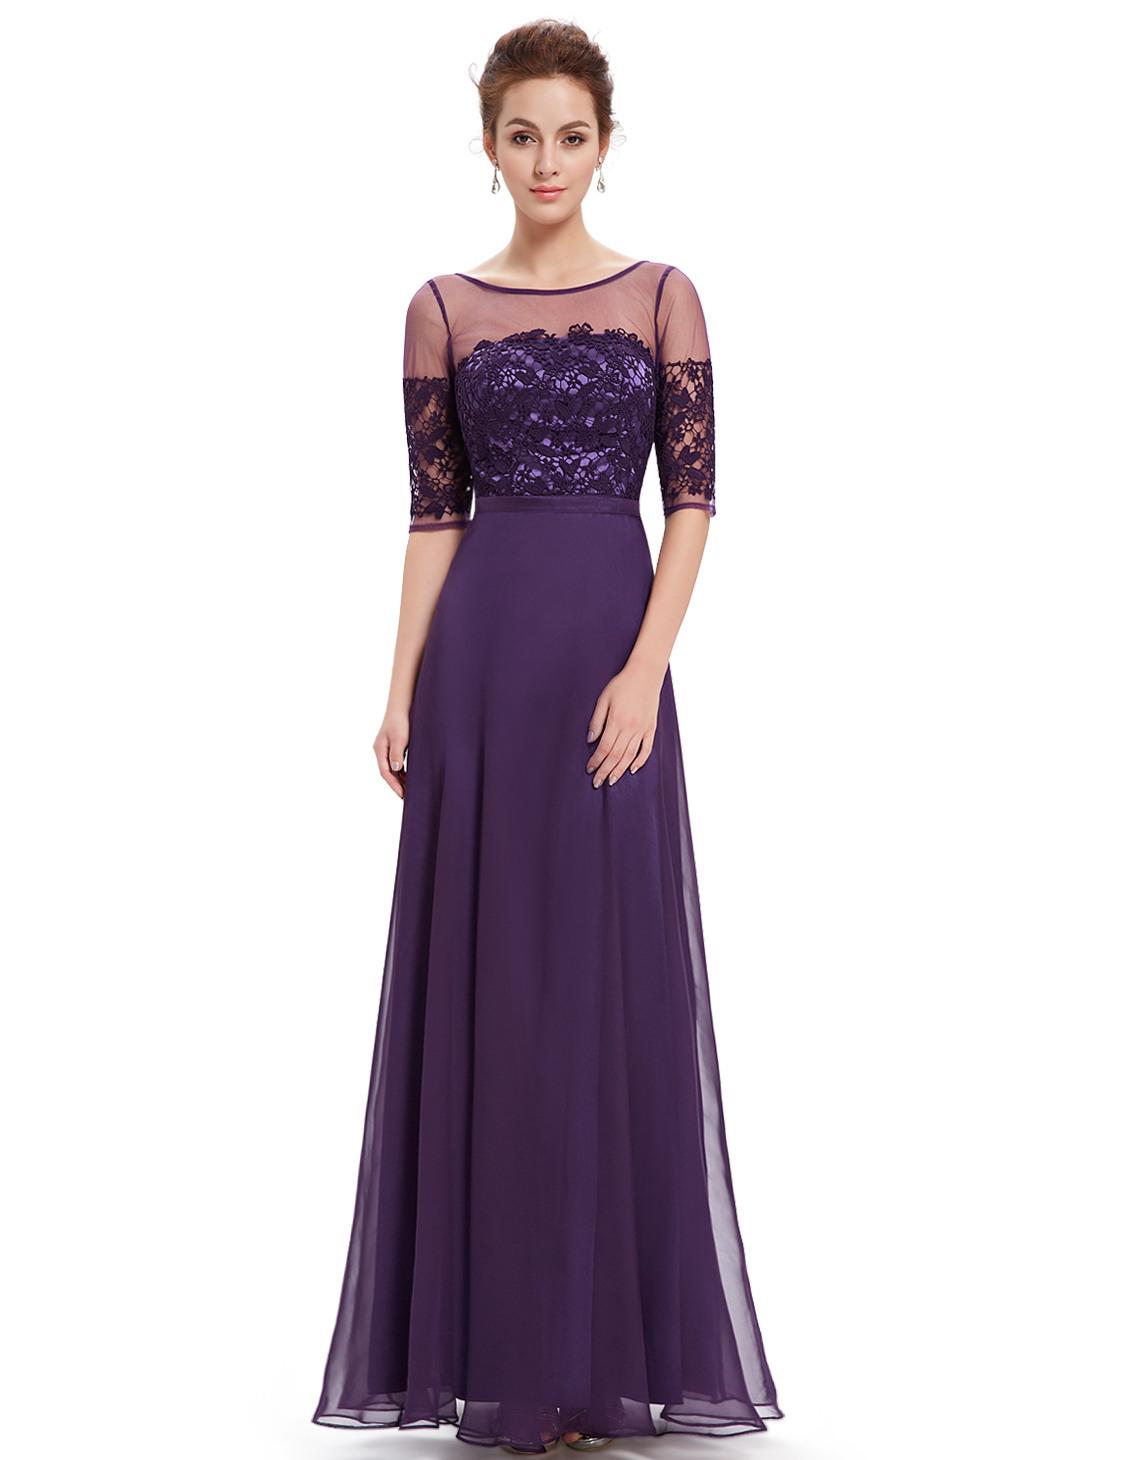 20 Schön Abendkleid A Linie StylishDesigner Wunderbar Abendkleid A Linie Design